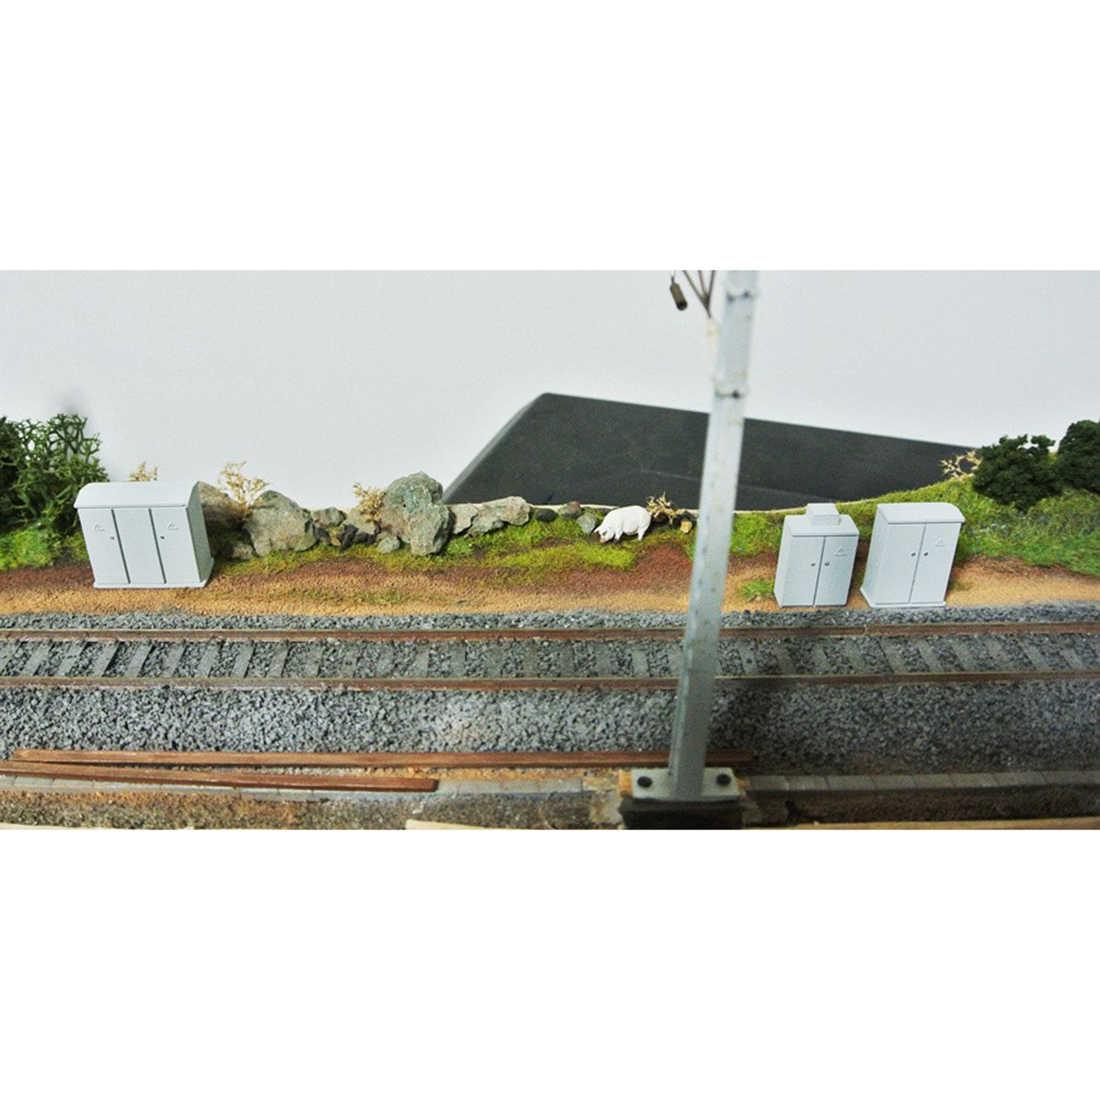 1: 87 ho escala tabela de areia trem modelo de duas portas caixa de distribuição de resina ferroviária caixa de distribuição-cinza/cinza claro